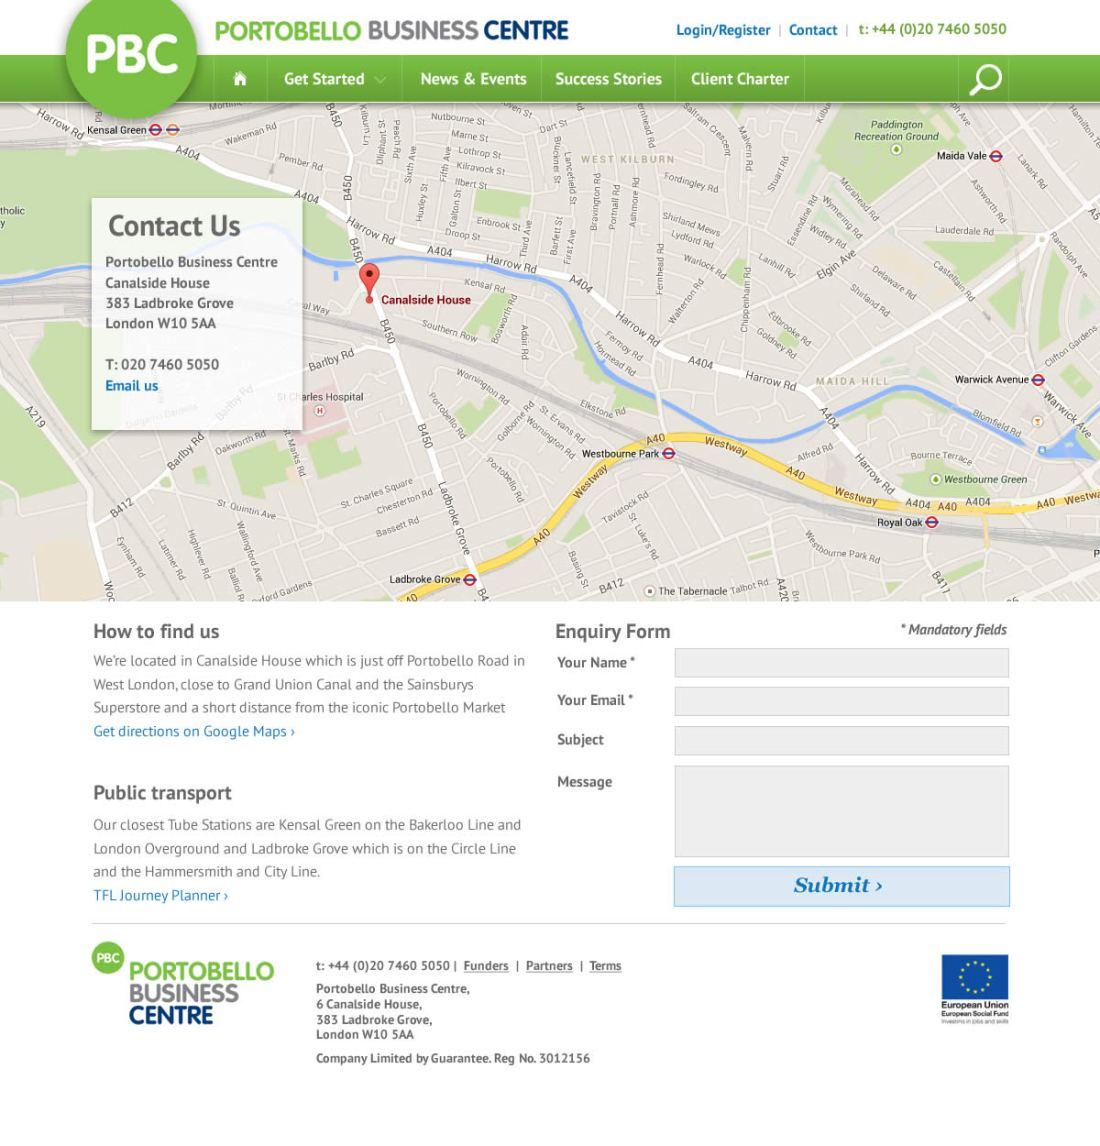 Web design for The Portobello Bisiness Centre contact page